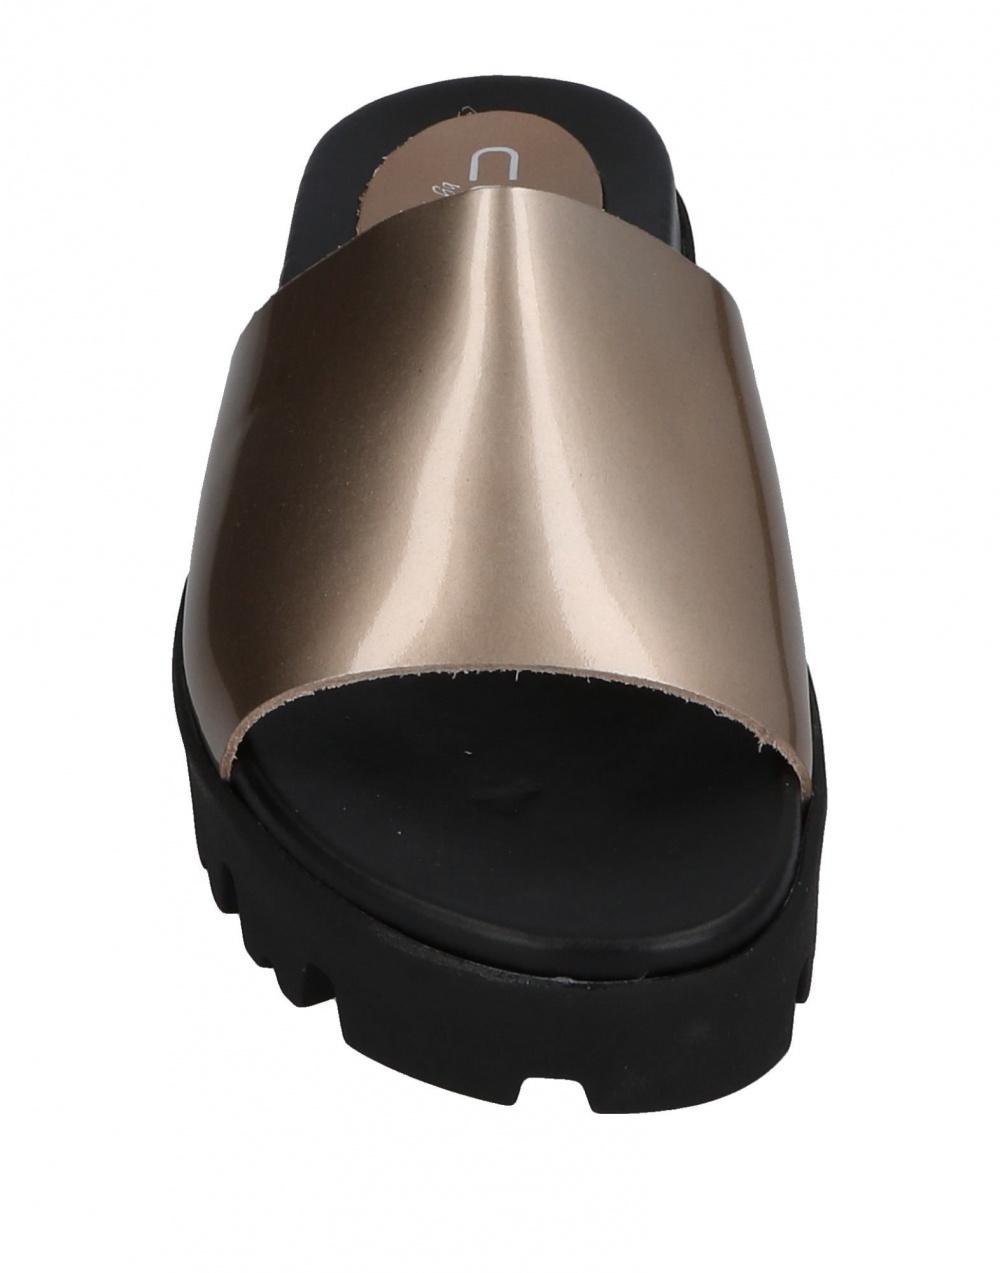 Кожаные шлепки-сабо CLAUDIA BY ISABERI, размер 38